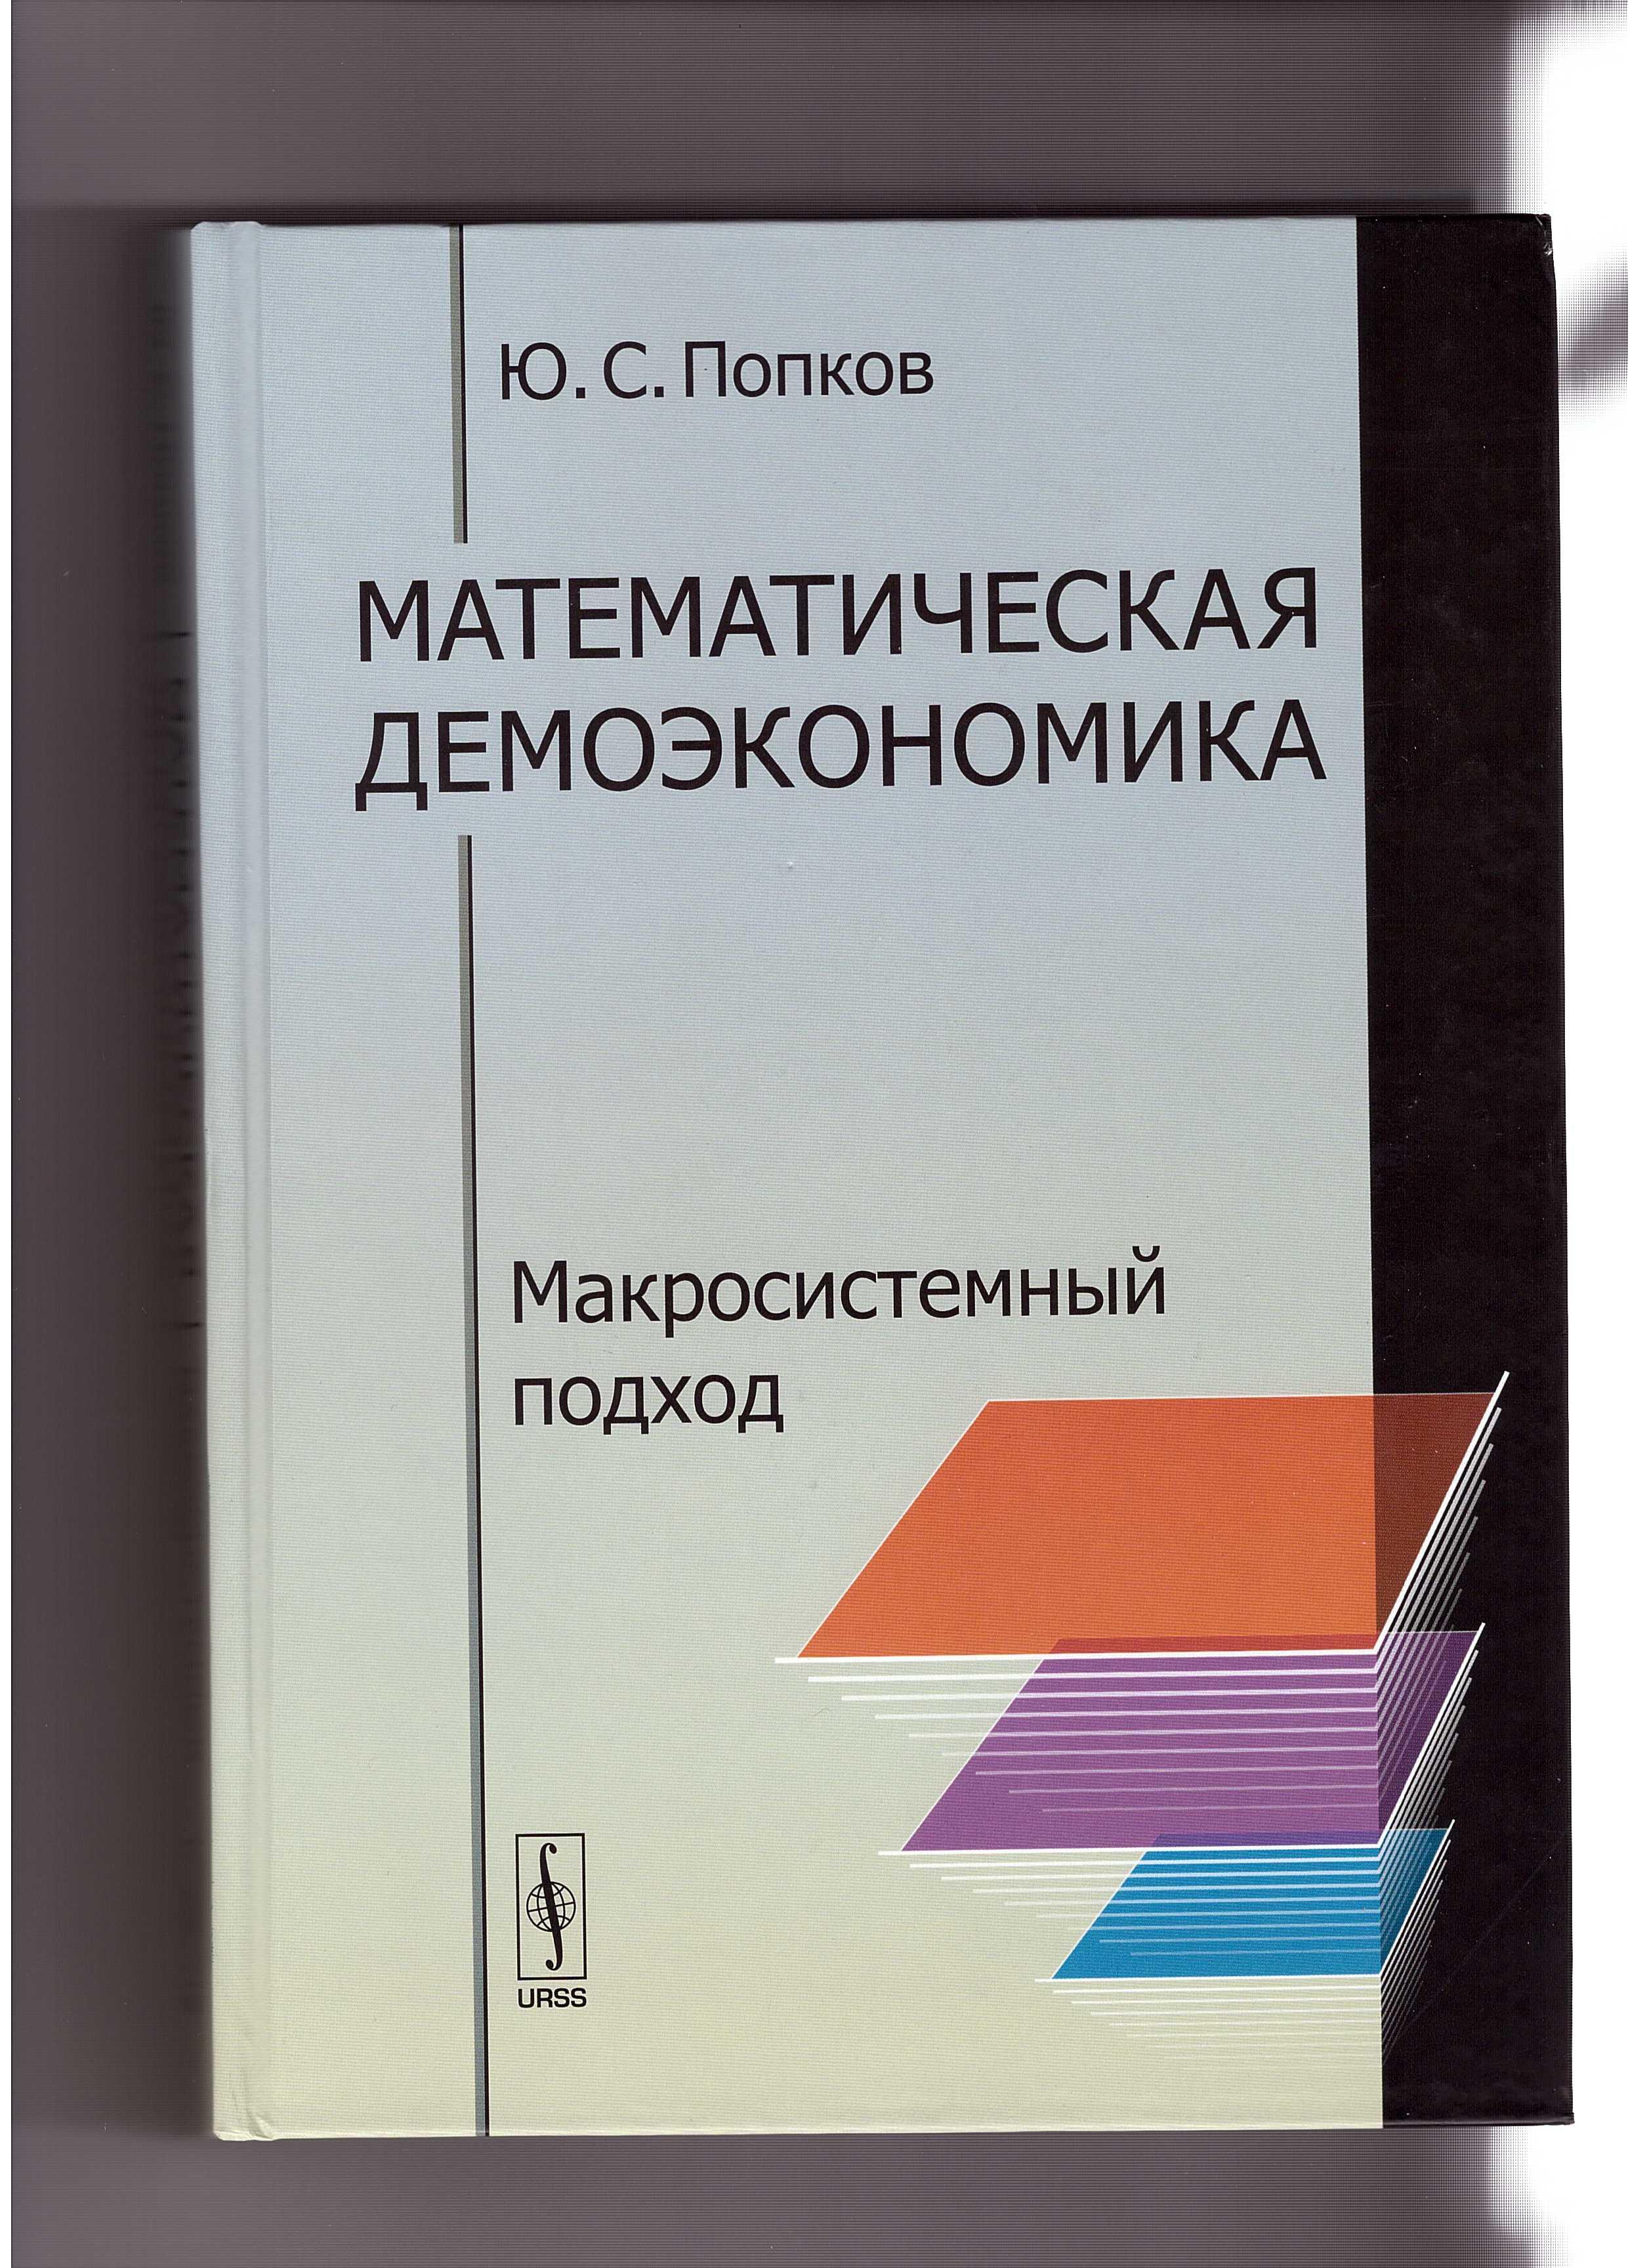 Математическая демоэкономика: Макросистемный подход